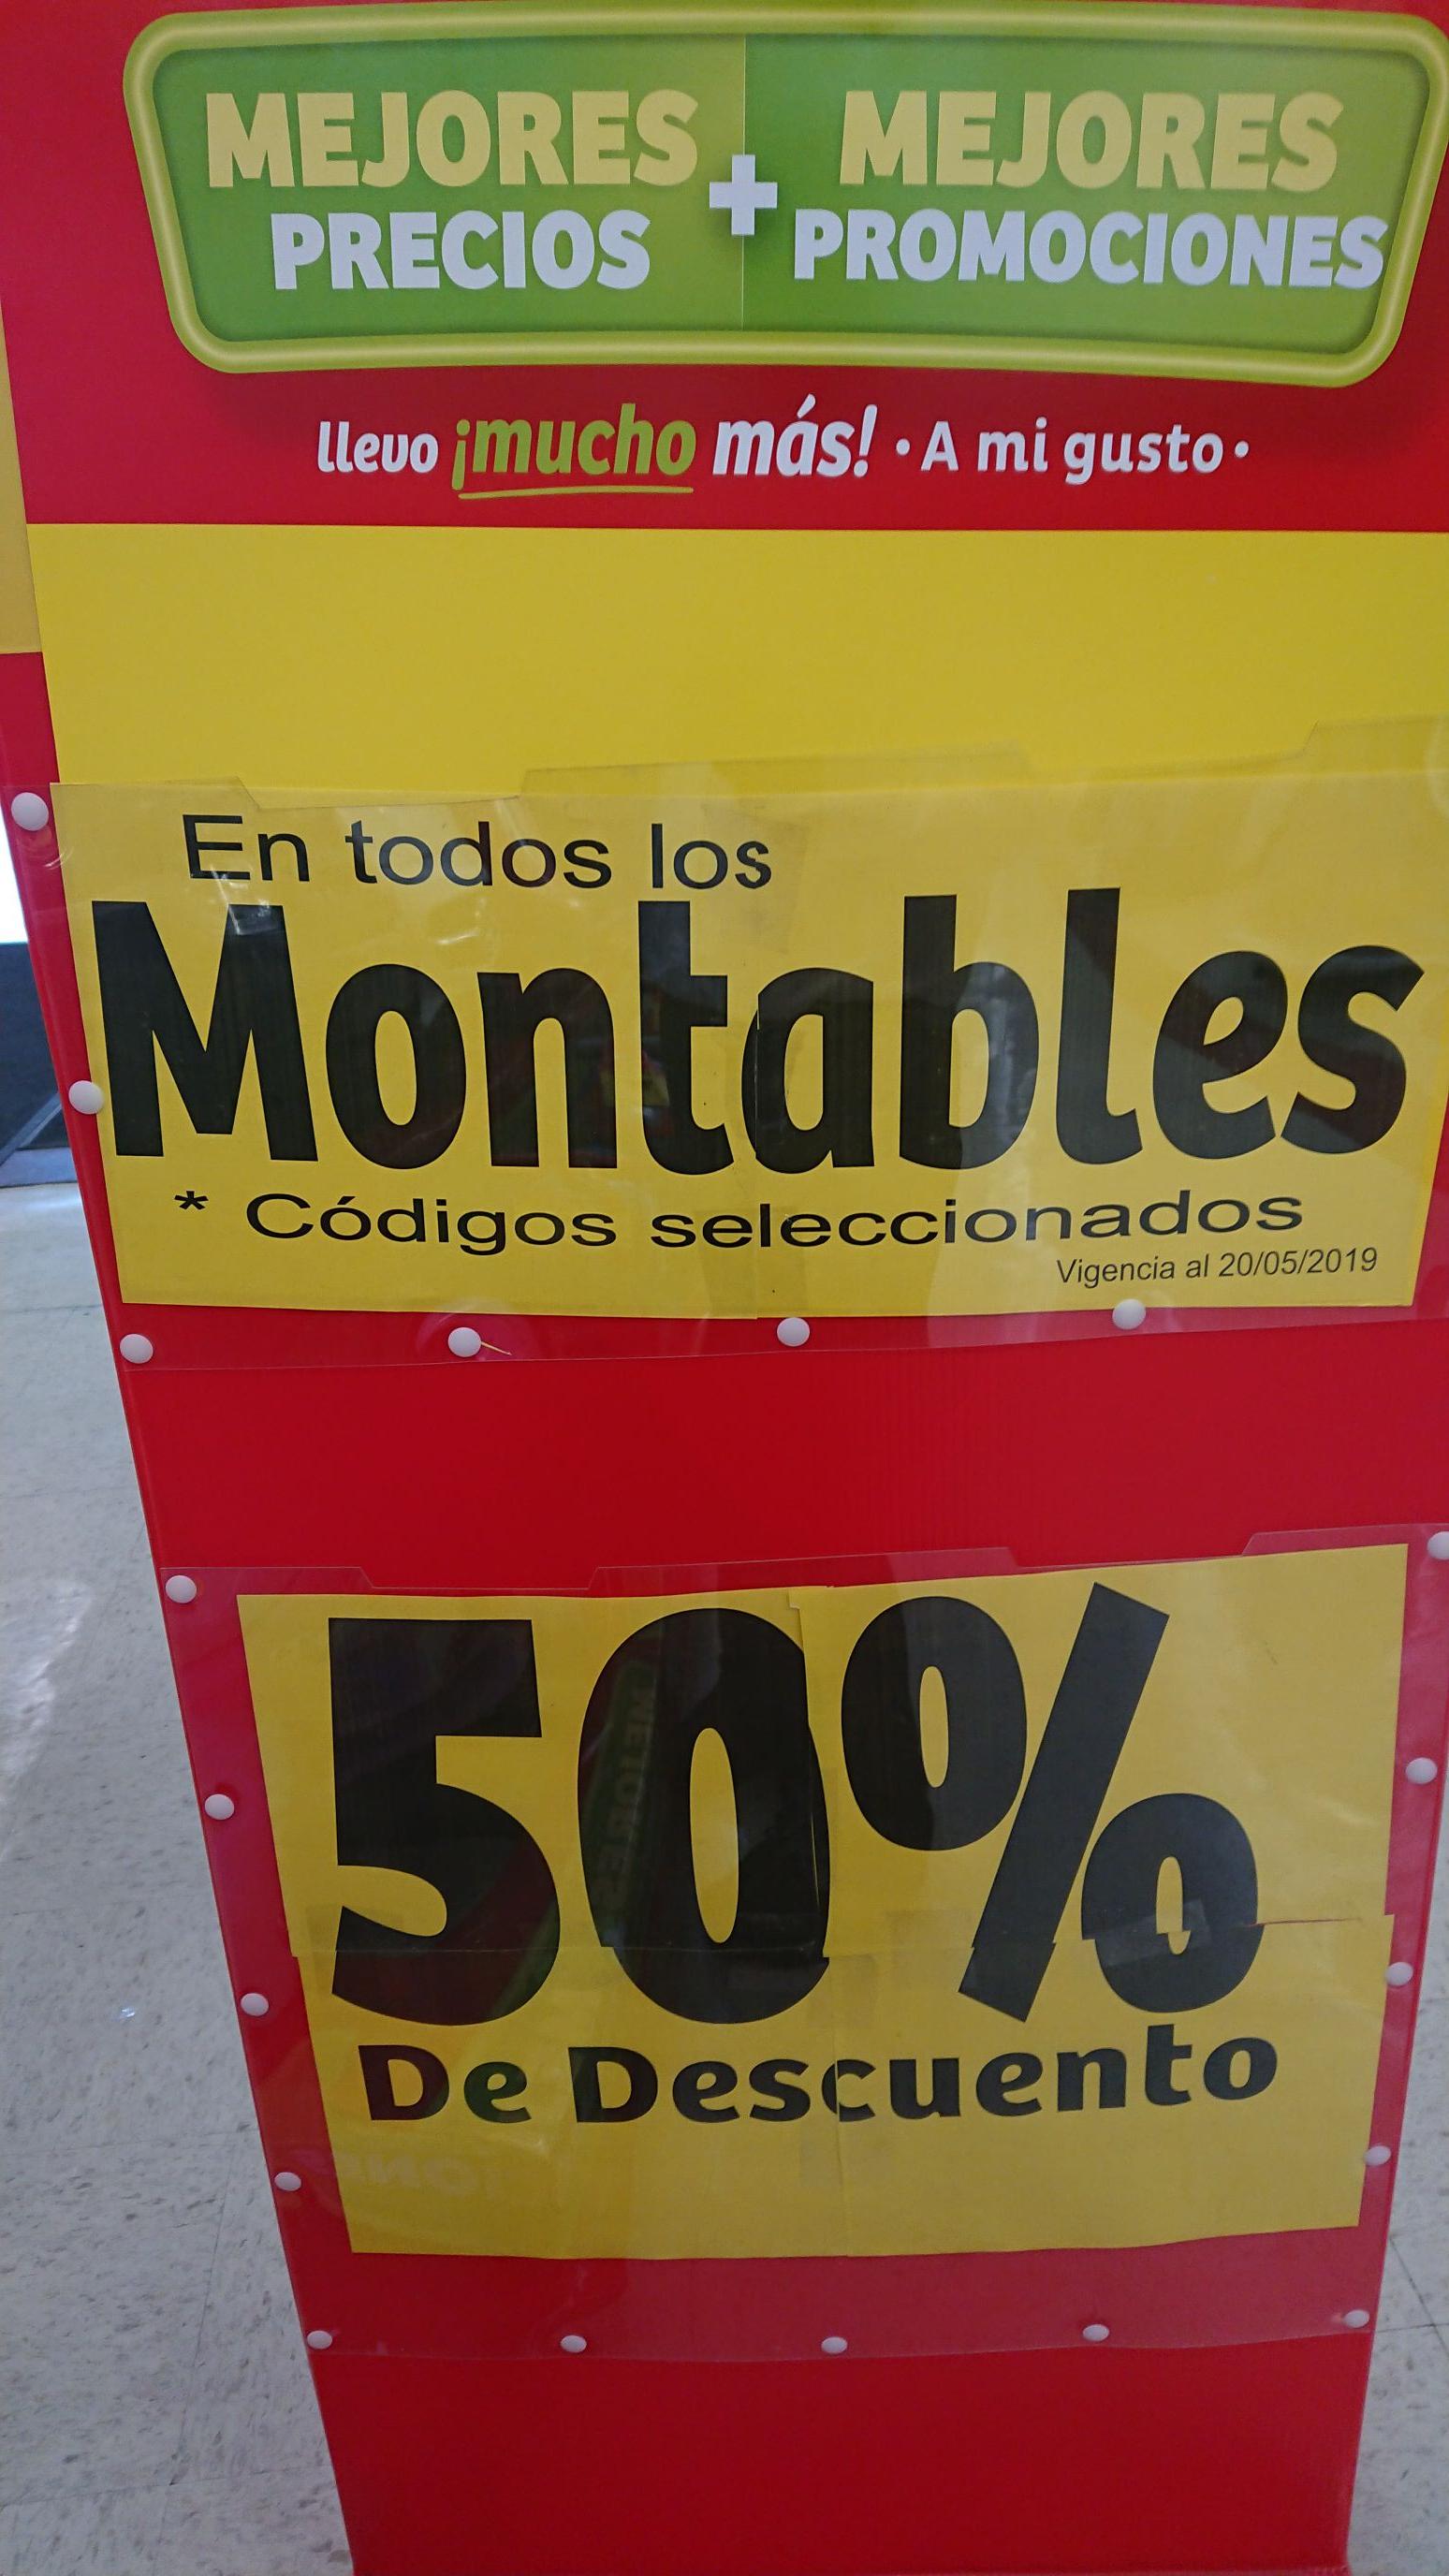 Soriana Híper: 50% de descuento en montables seleccionados